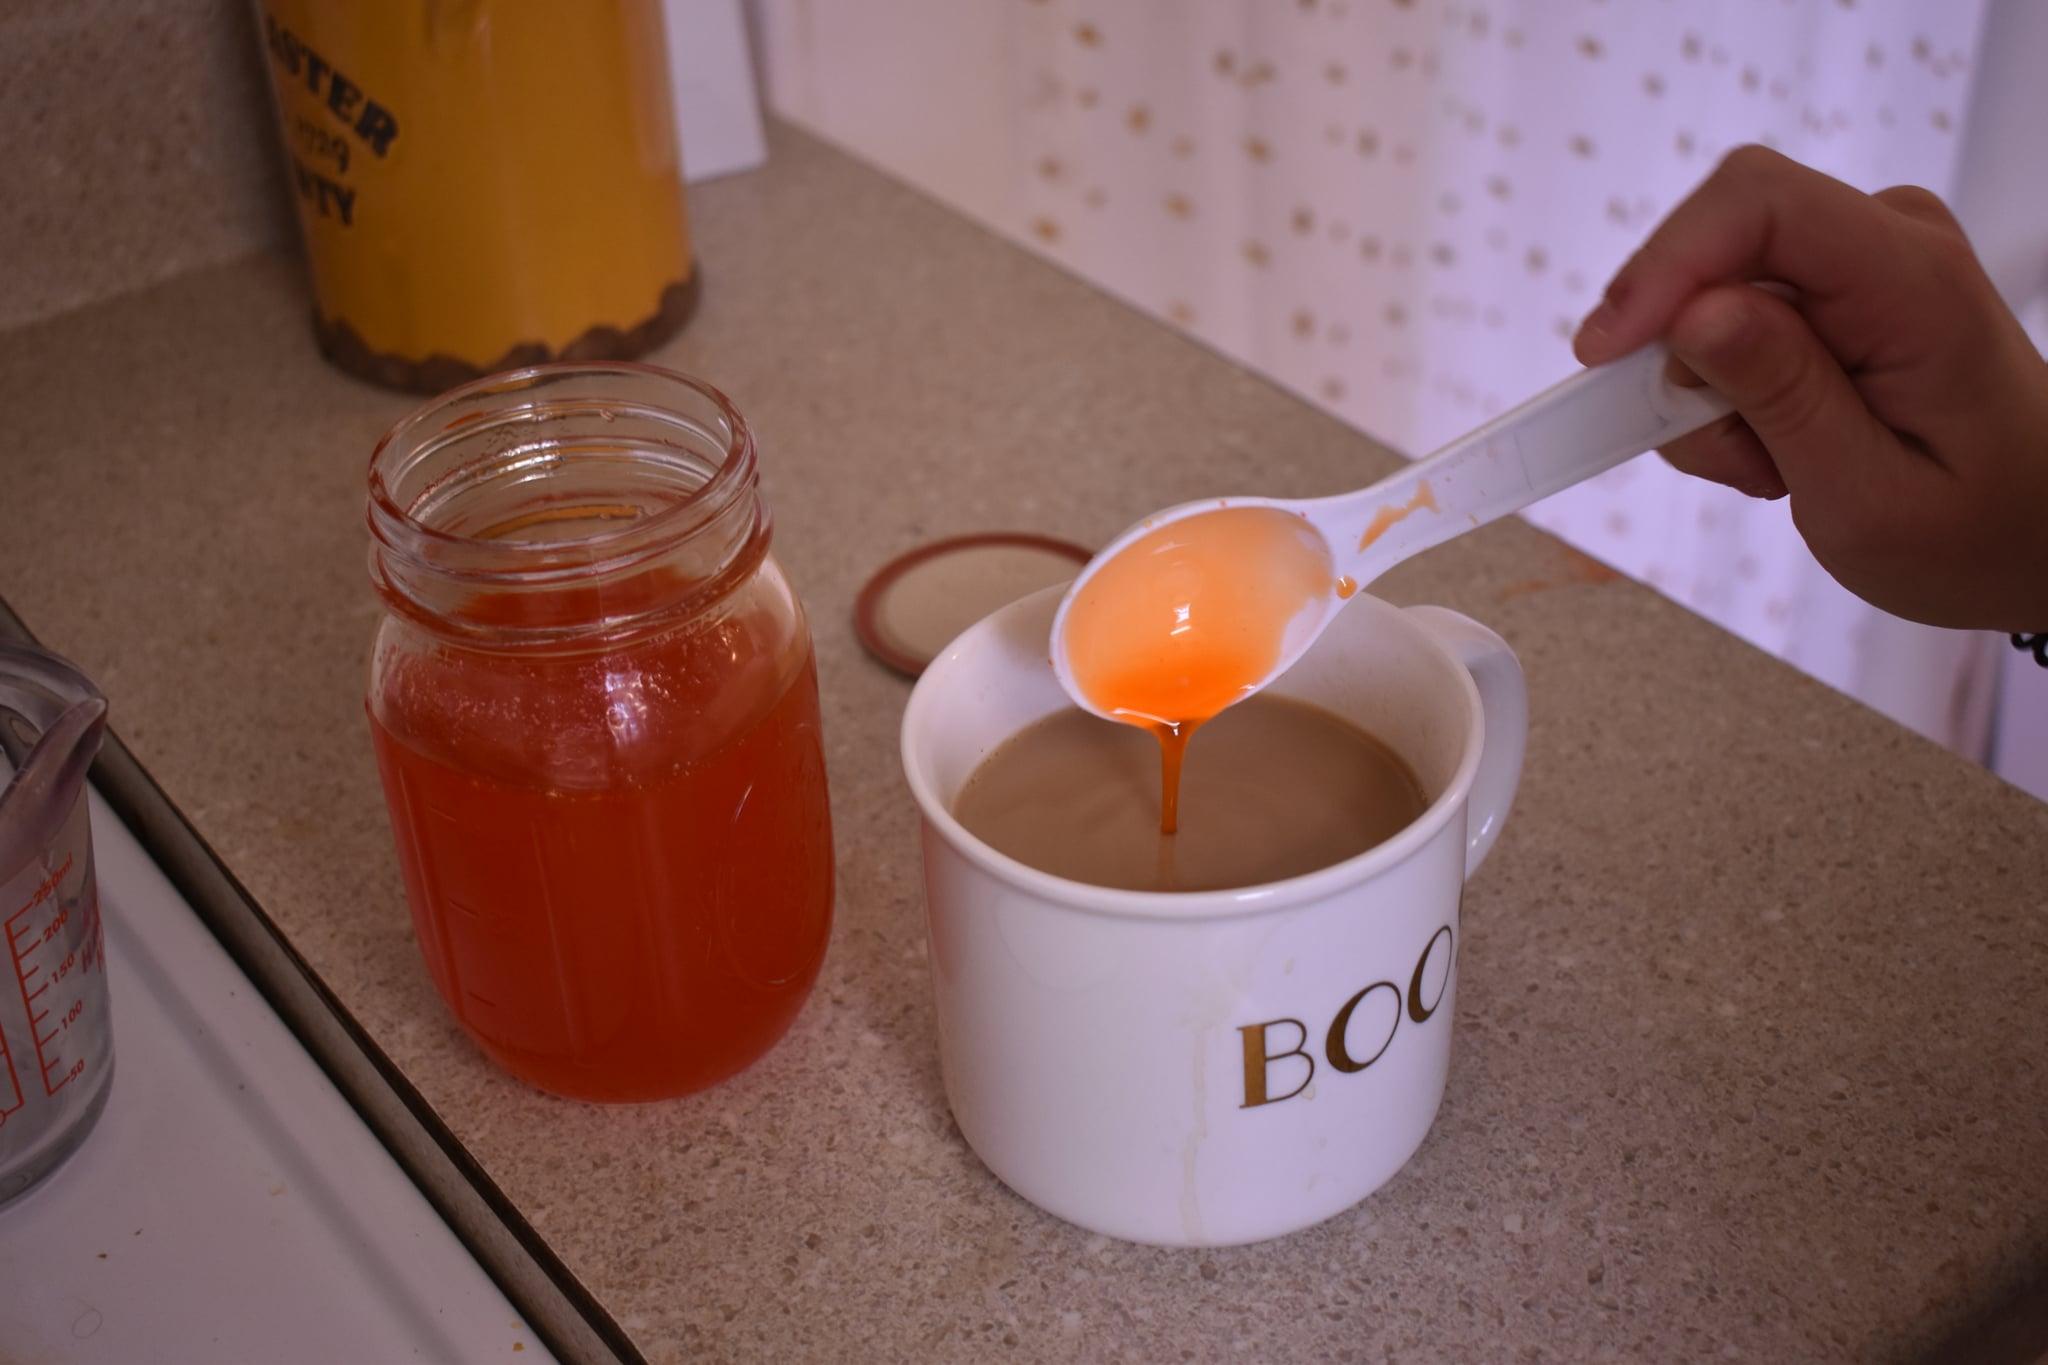 Pour Syrup Into Latté